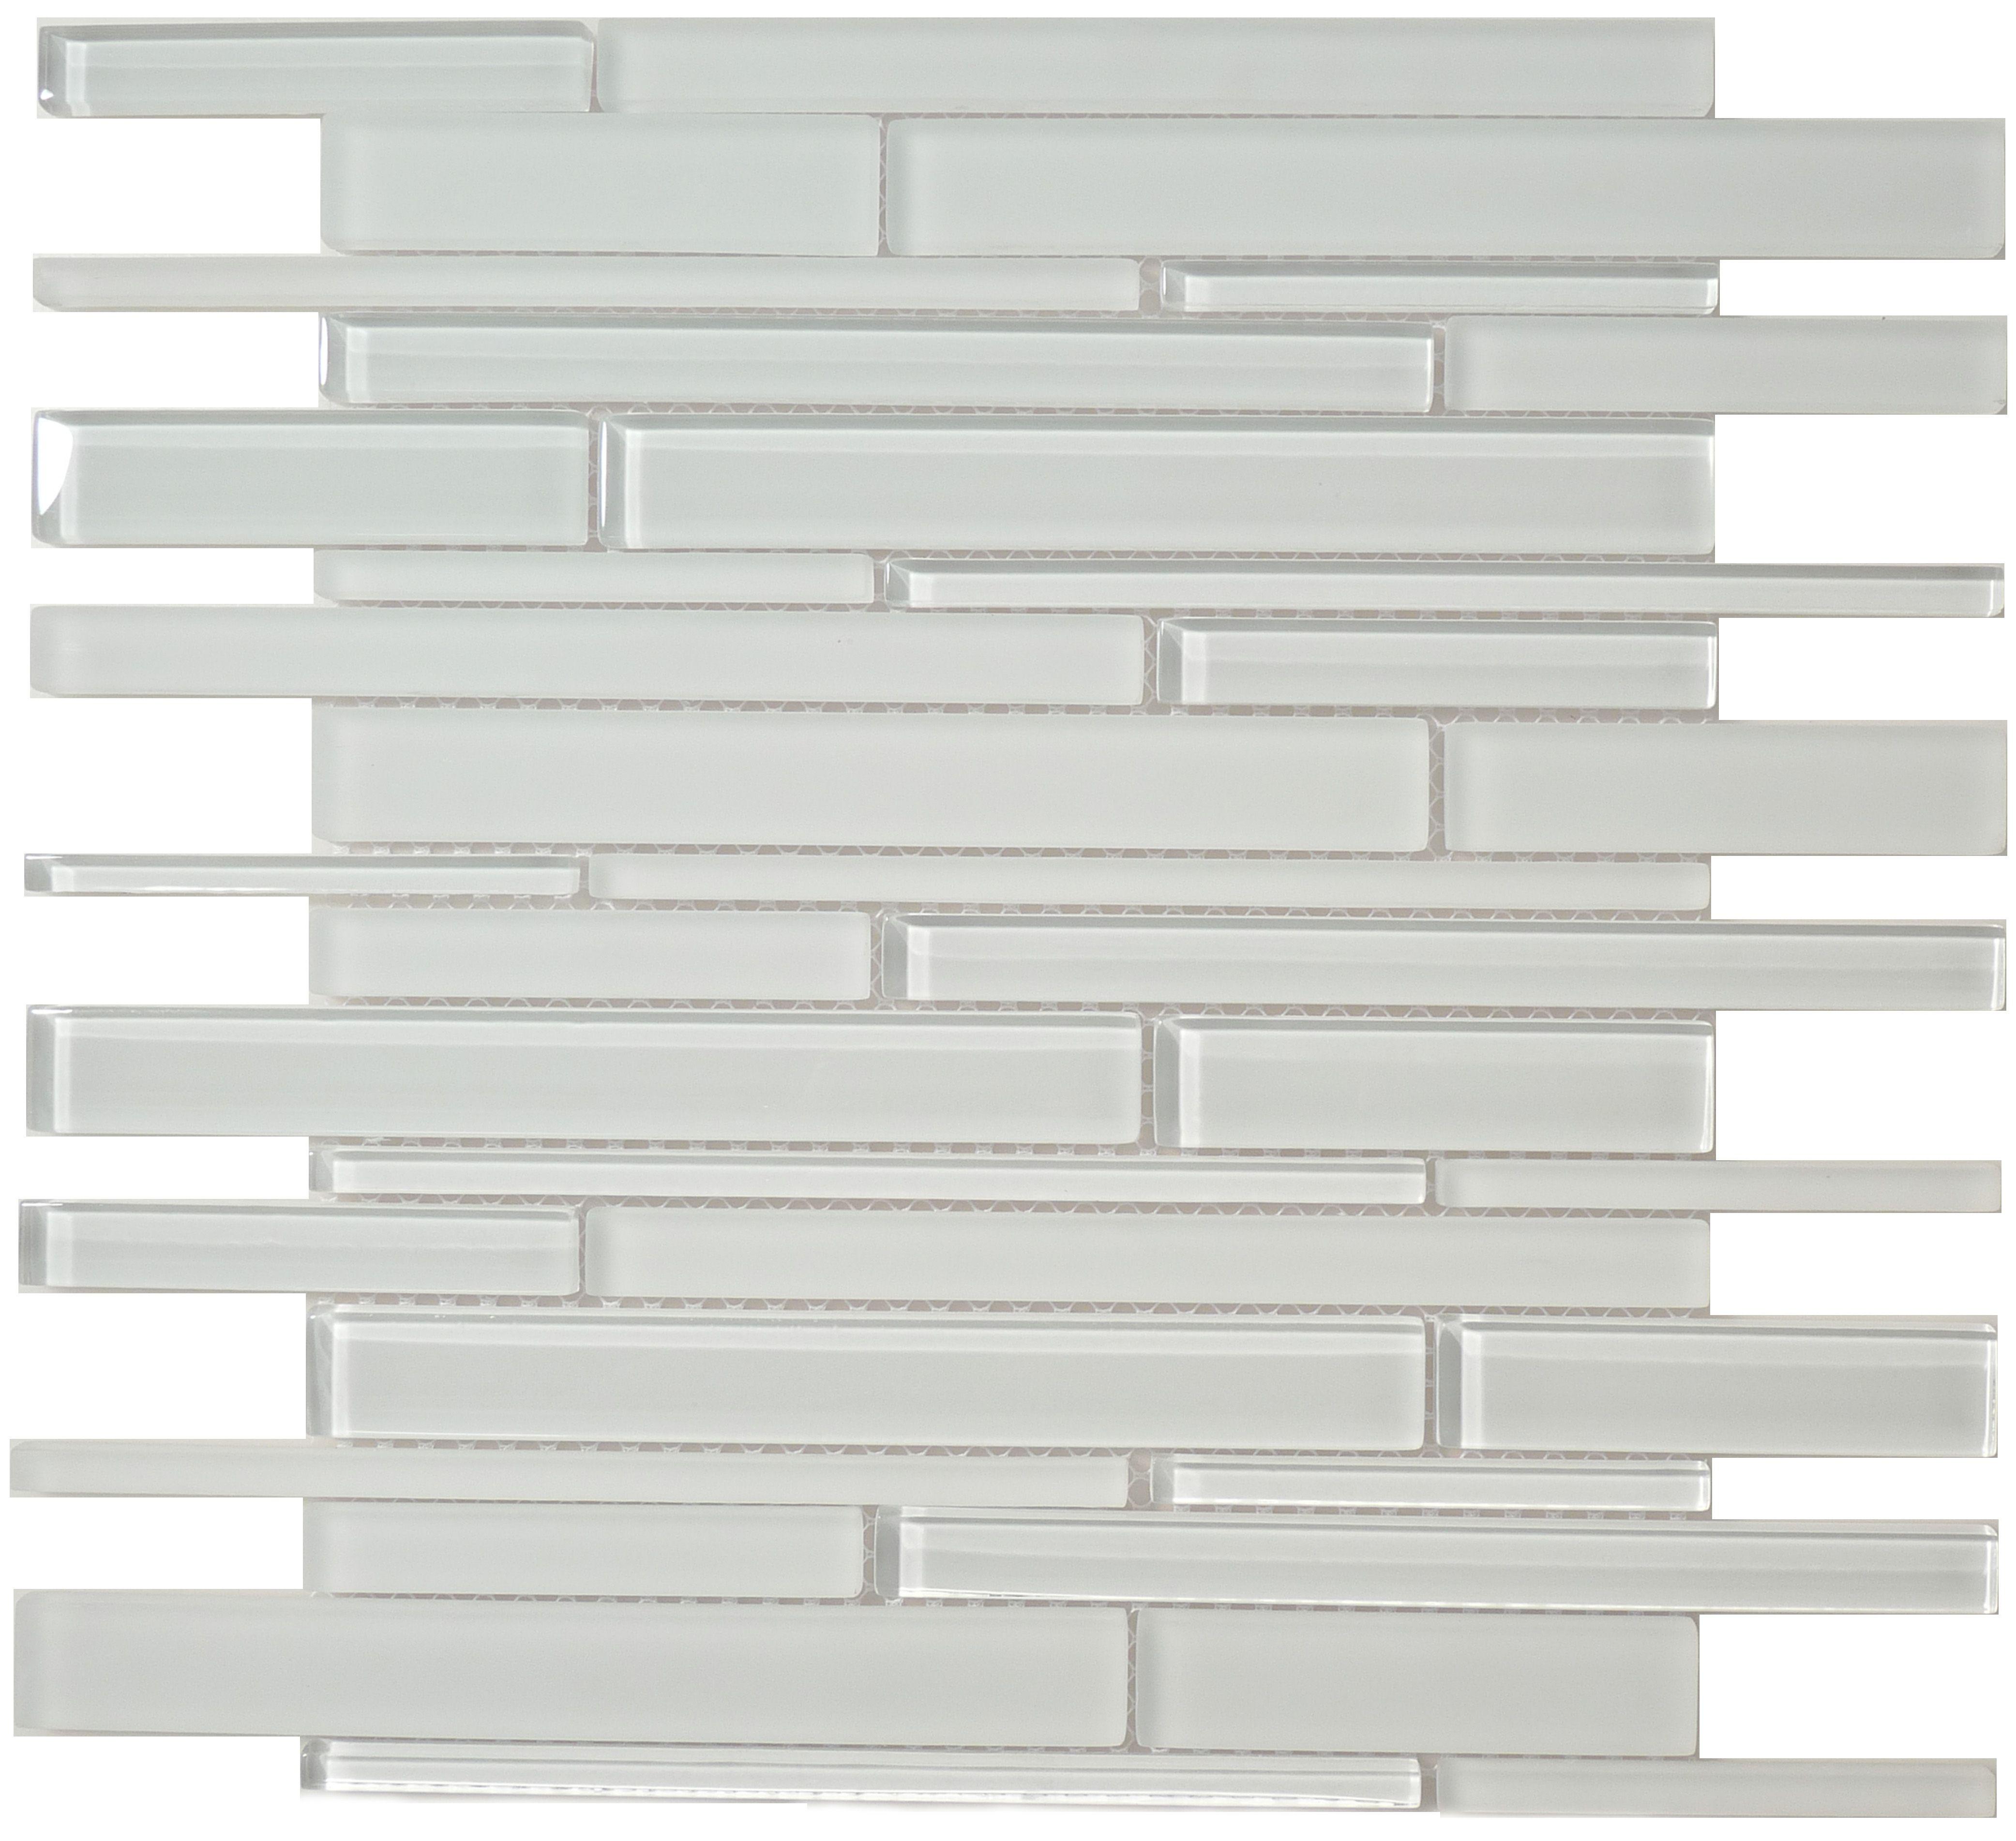 cn25 super white cane series glass tile glass tile oasis outlet center white glass tile glass tile backsplash kitchen glass tile